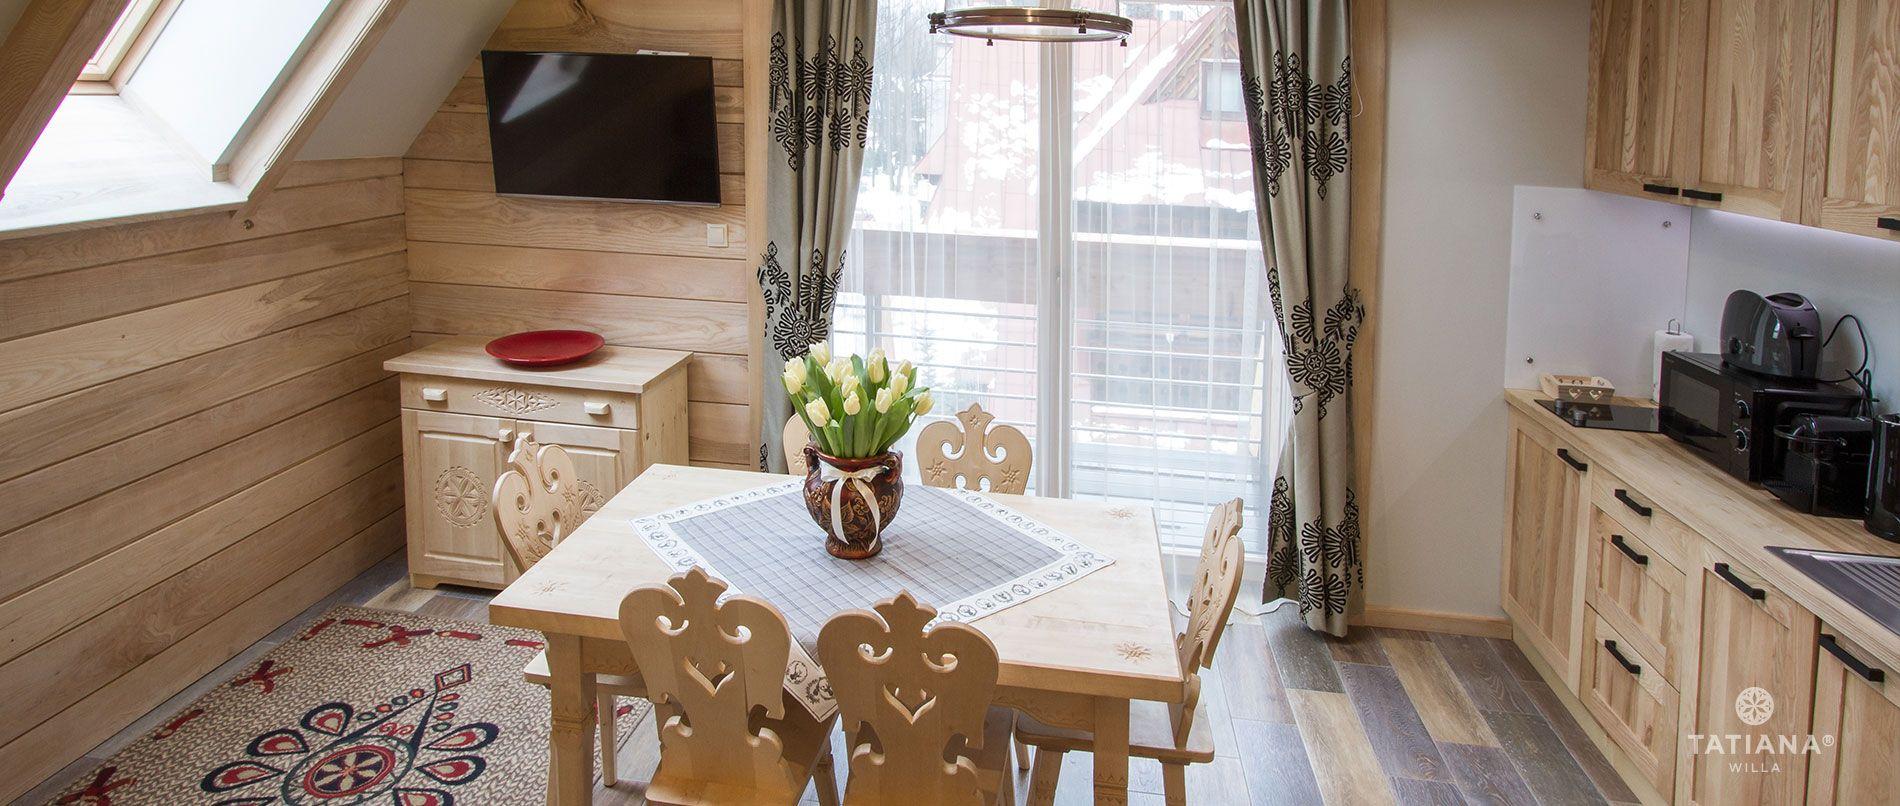 Apartament Jesionowy - kuchnia